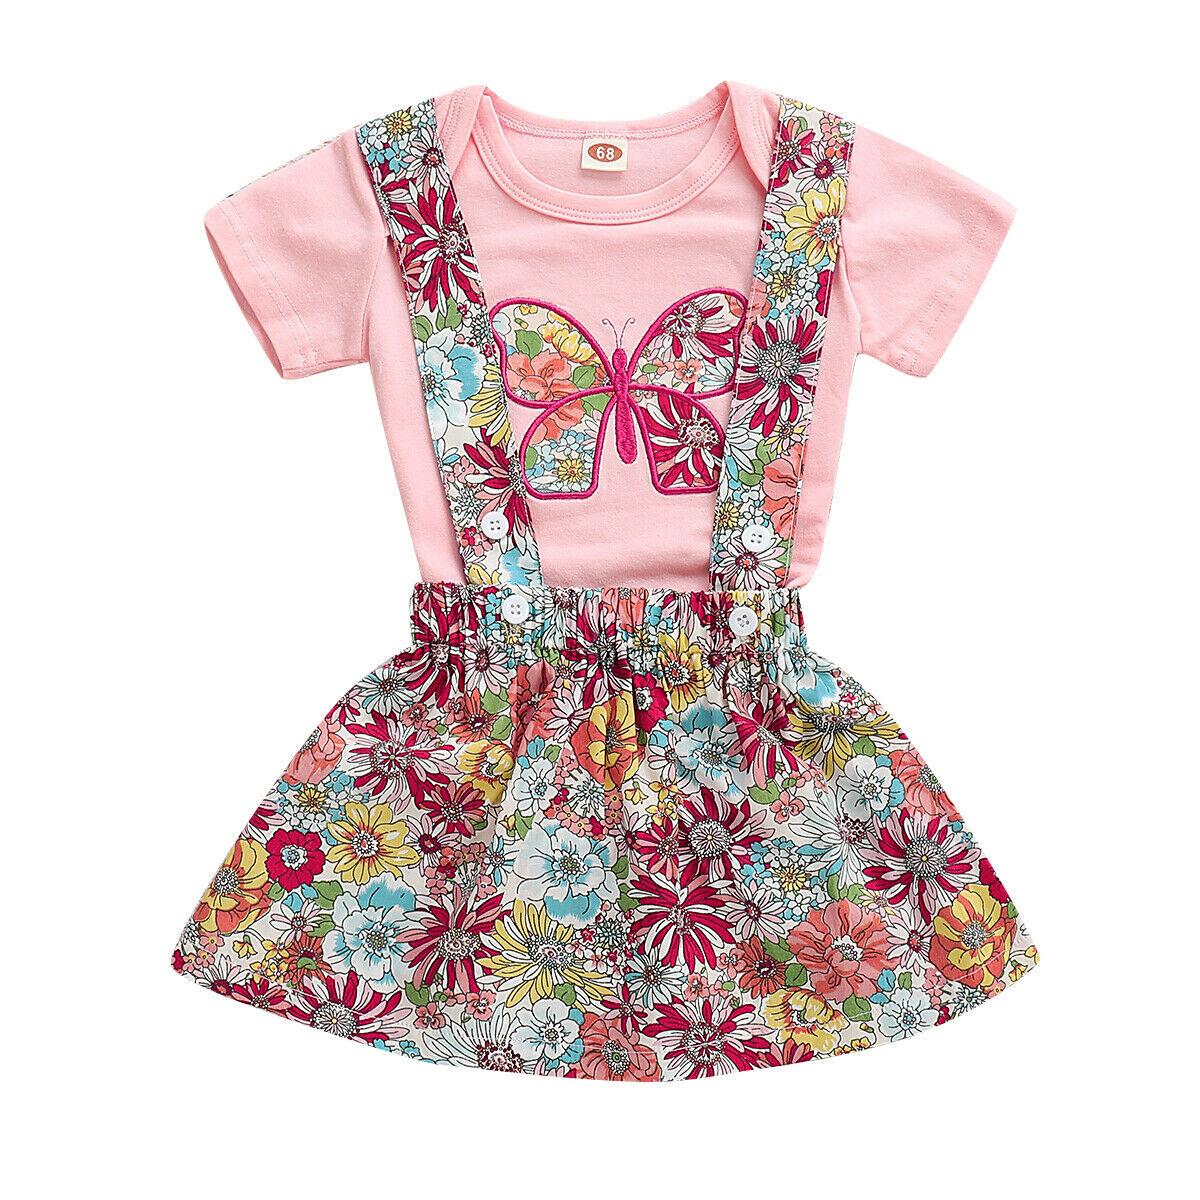 0-24 M Baby Mädchen Floral Kleidung Gesetzt Kleine Mädchen Kurzarm Body Blume Hosenträger Rock 2 Pc Outfit Neugeborenen